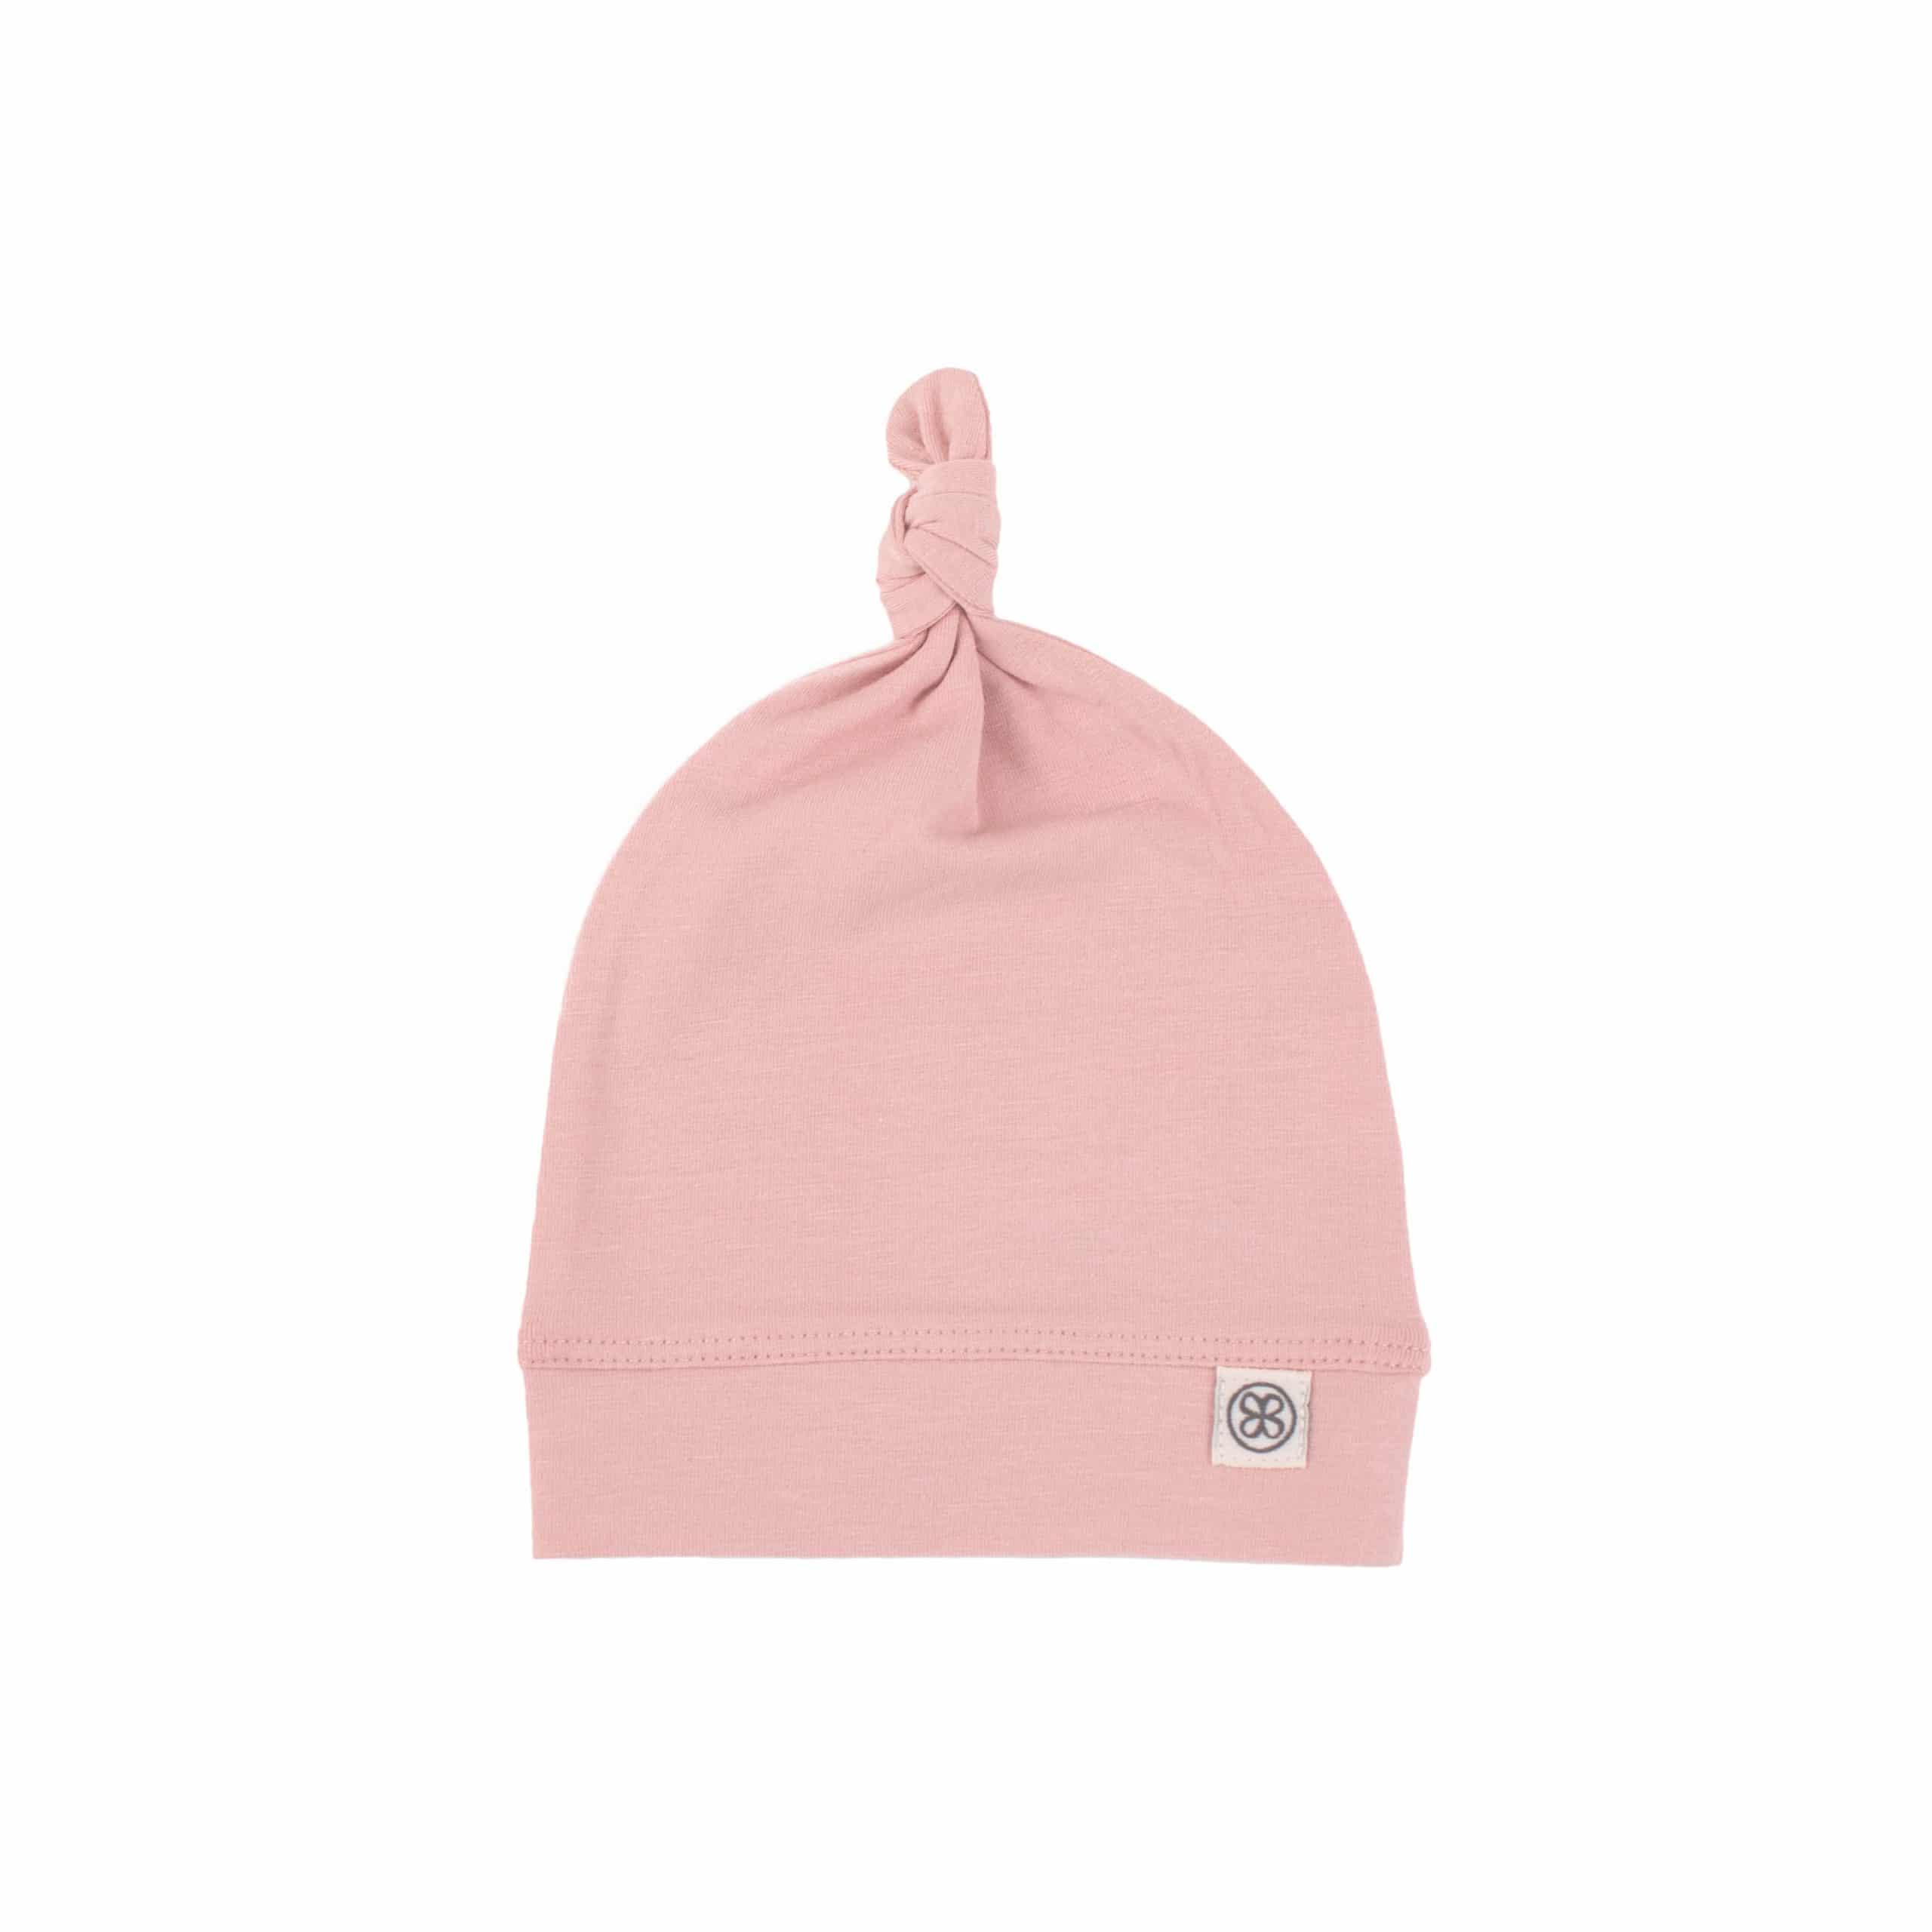 Mütze mit UV-Schutz (UPF 50+) rosa (Gr. 50-56)